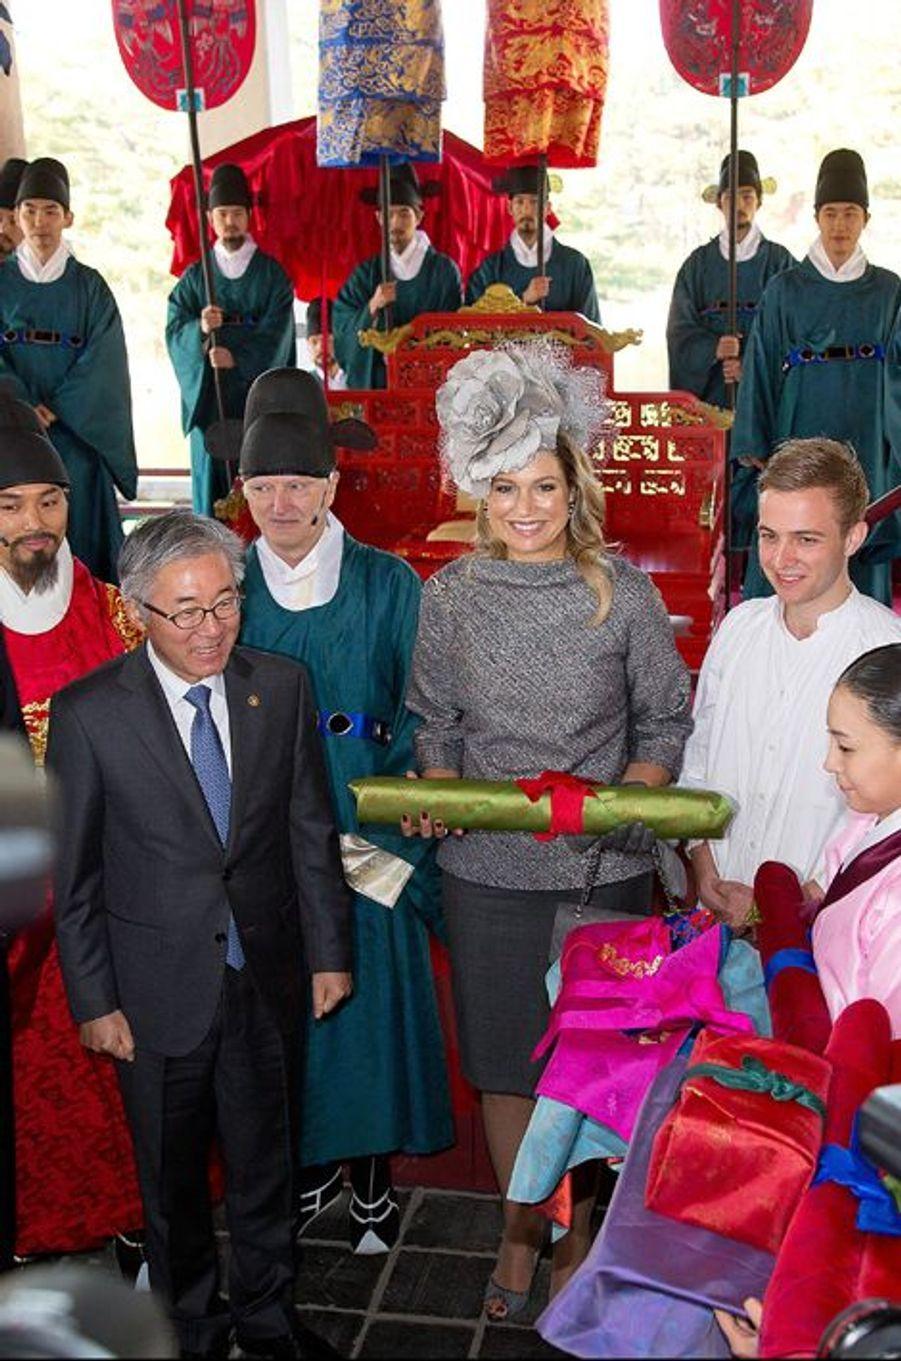 Le roi Willem-Alexander des Pays-Bas et la reine Maxima à Séoul, le 4 novembre 2014